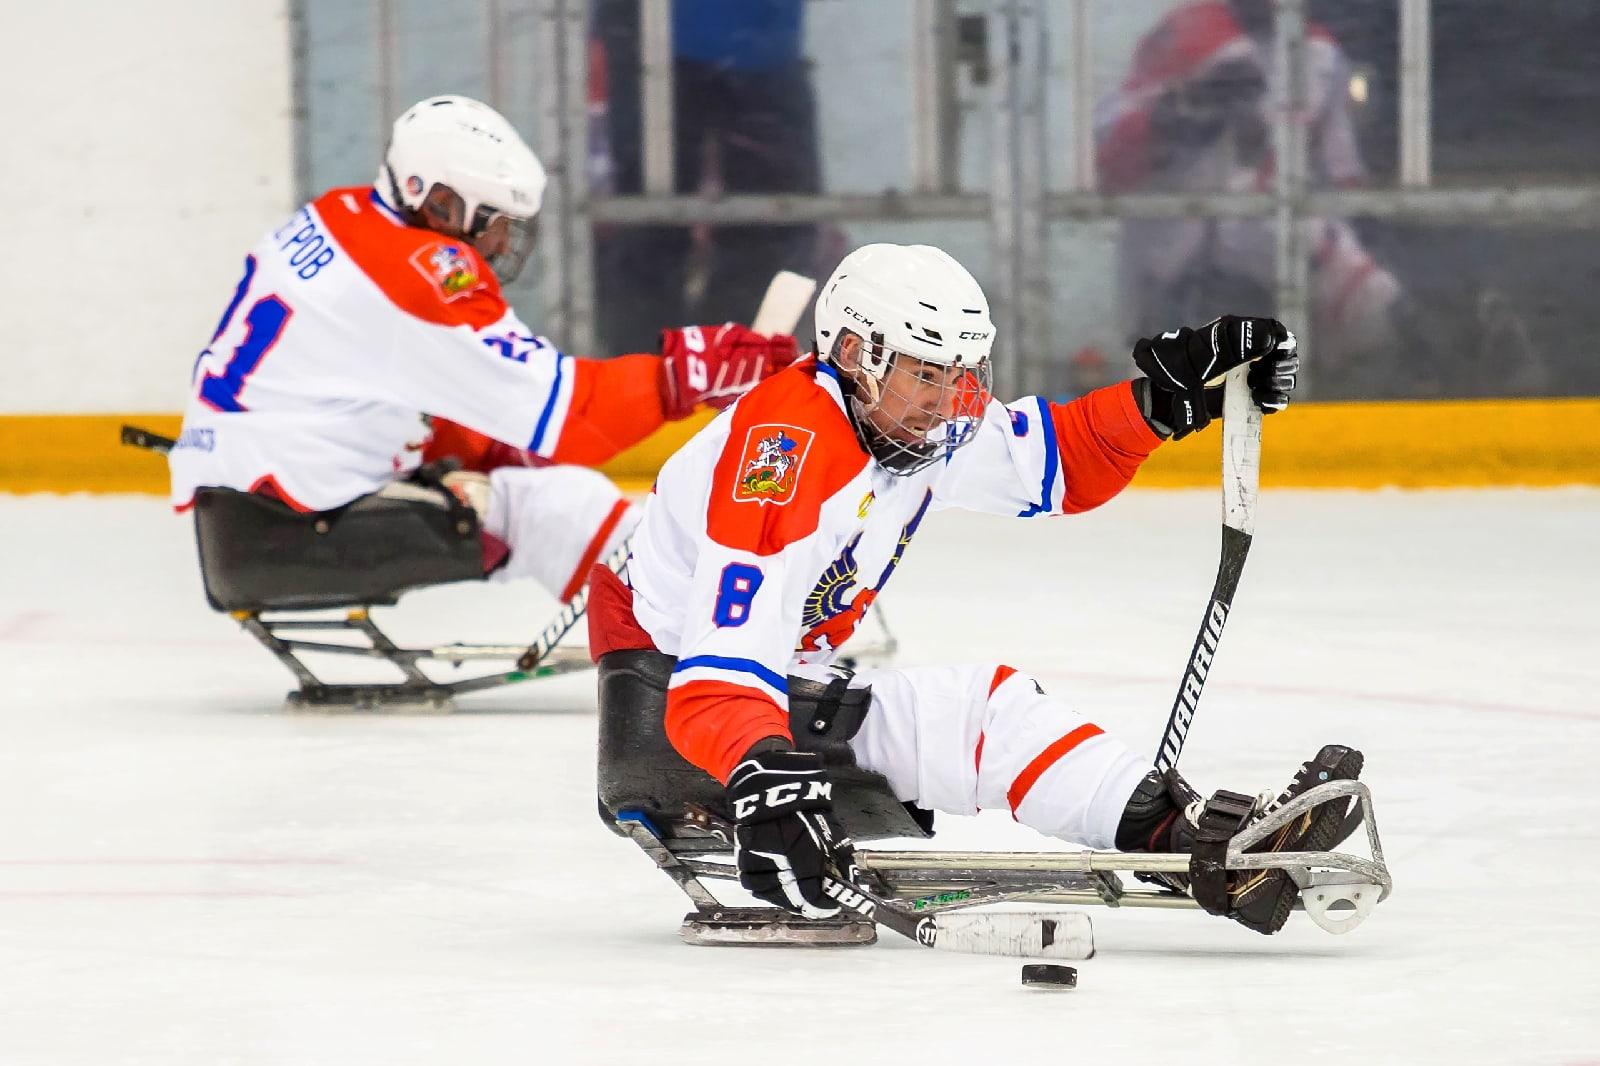 Подмосковный «Феникс» выиграл первый этап чемпионата России по следж-хоккею в Ижевске